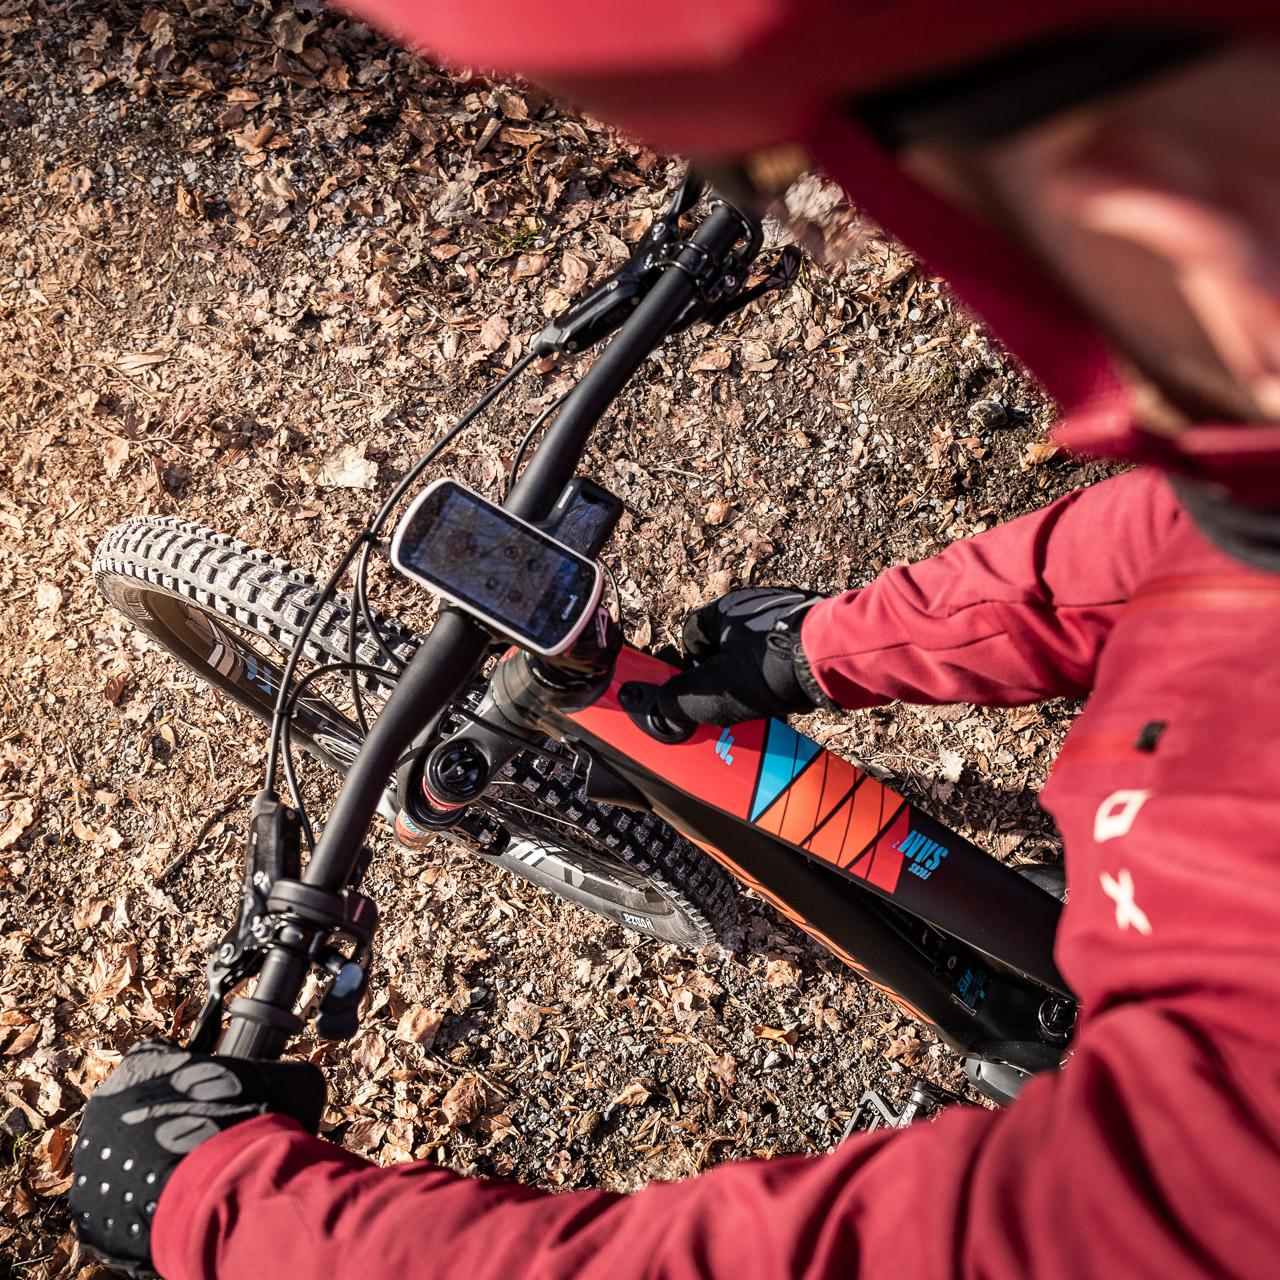 FOCUS-Bikes-E-MTB-Reach-Test-2019-_MG_0029